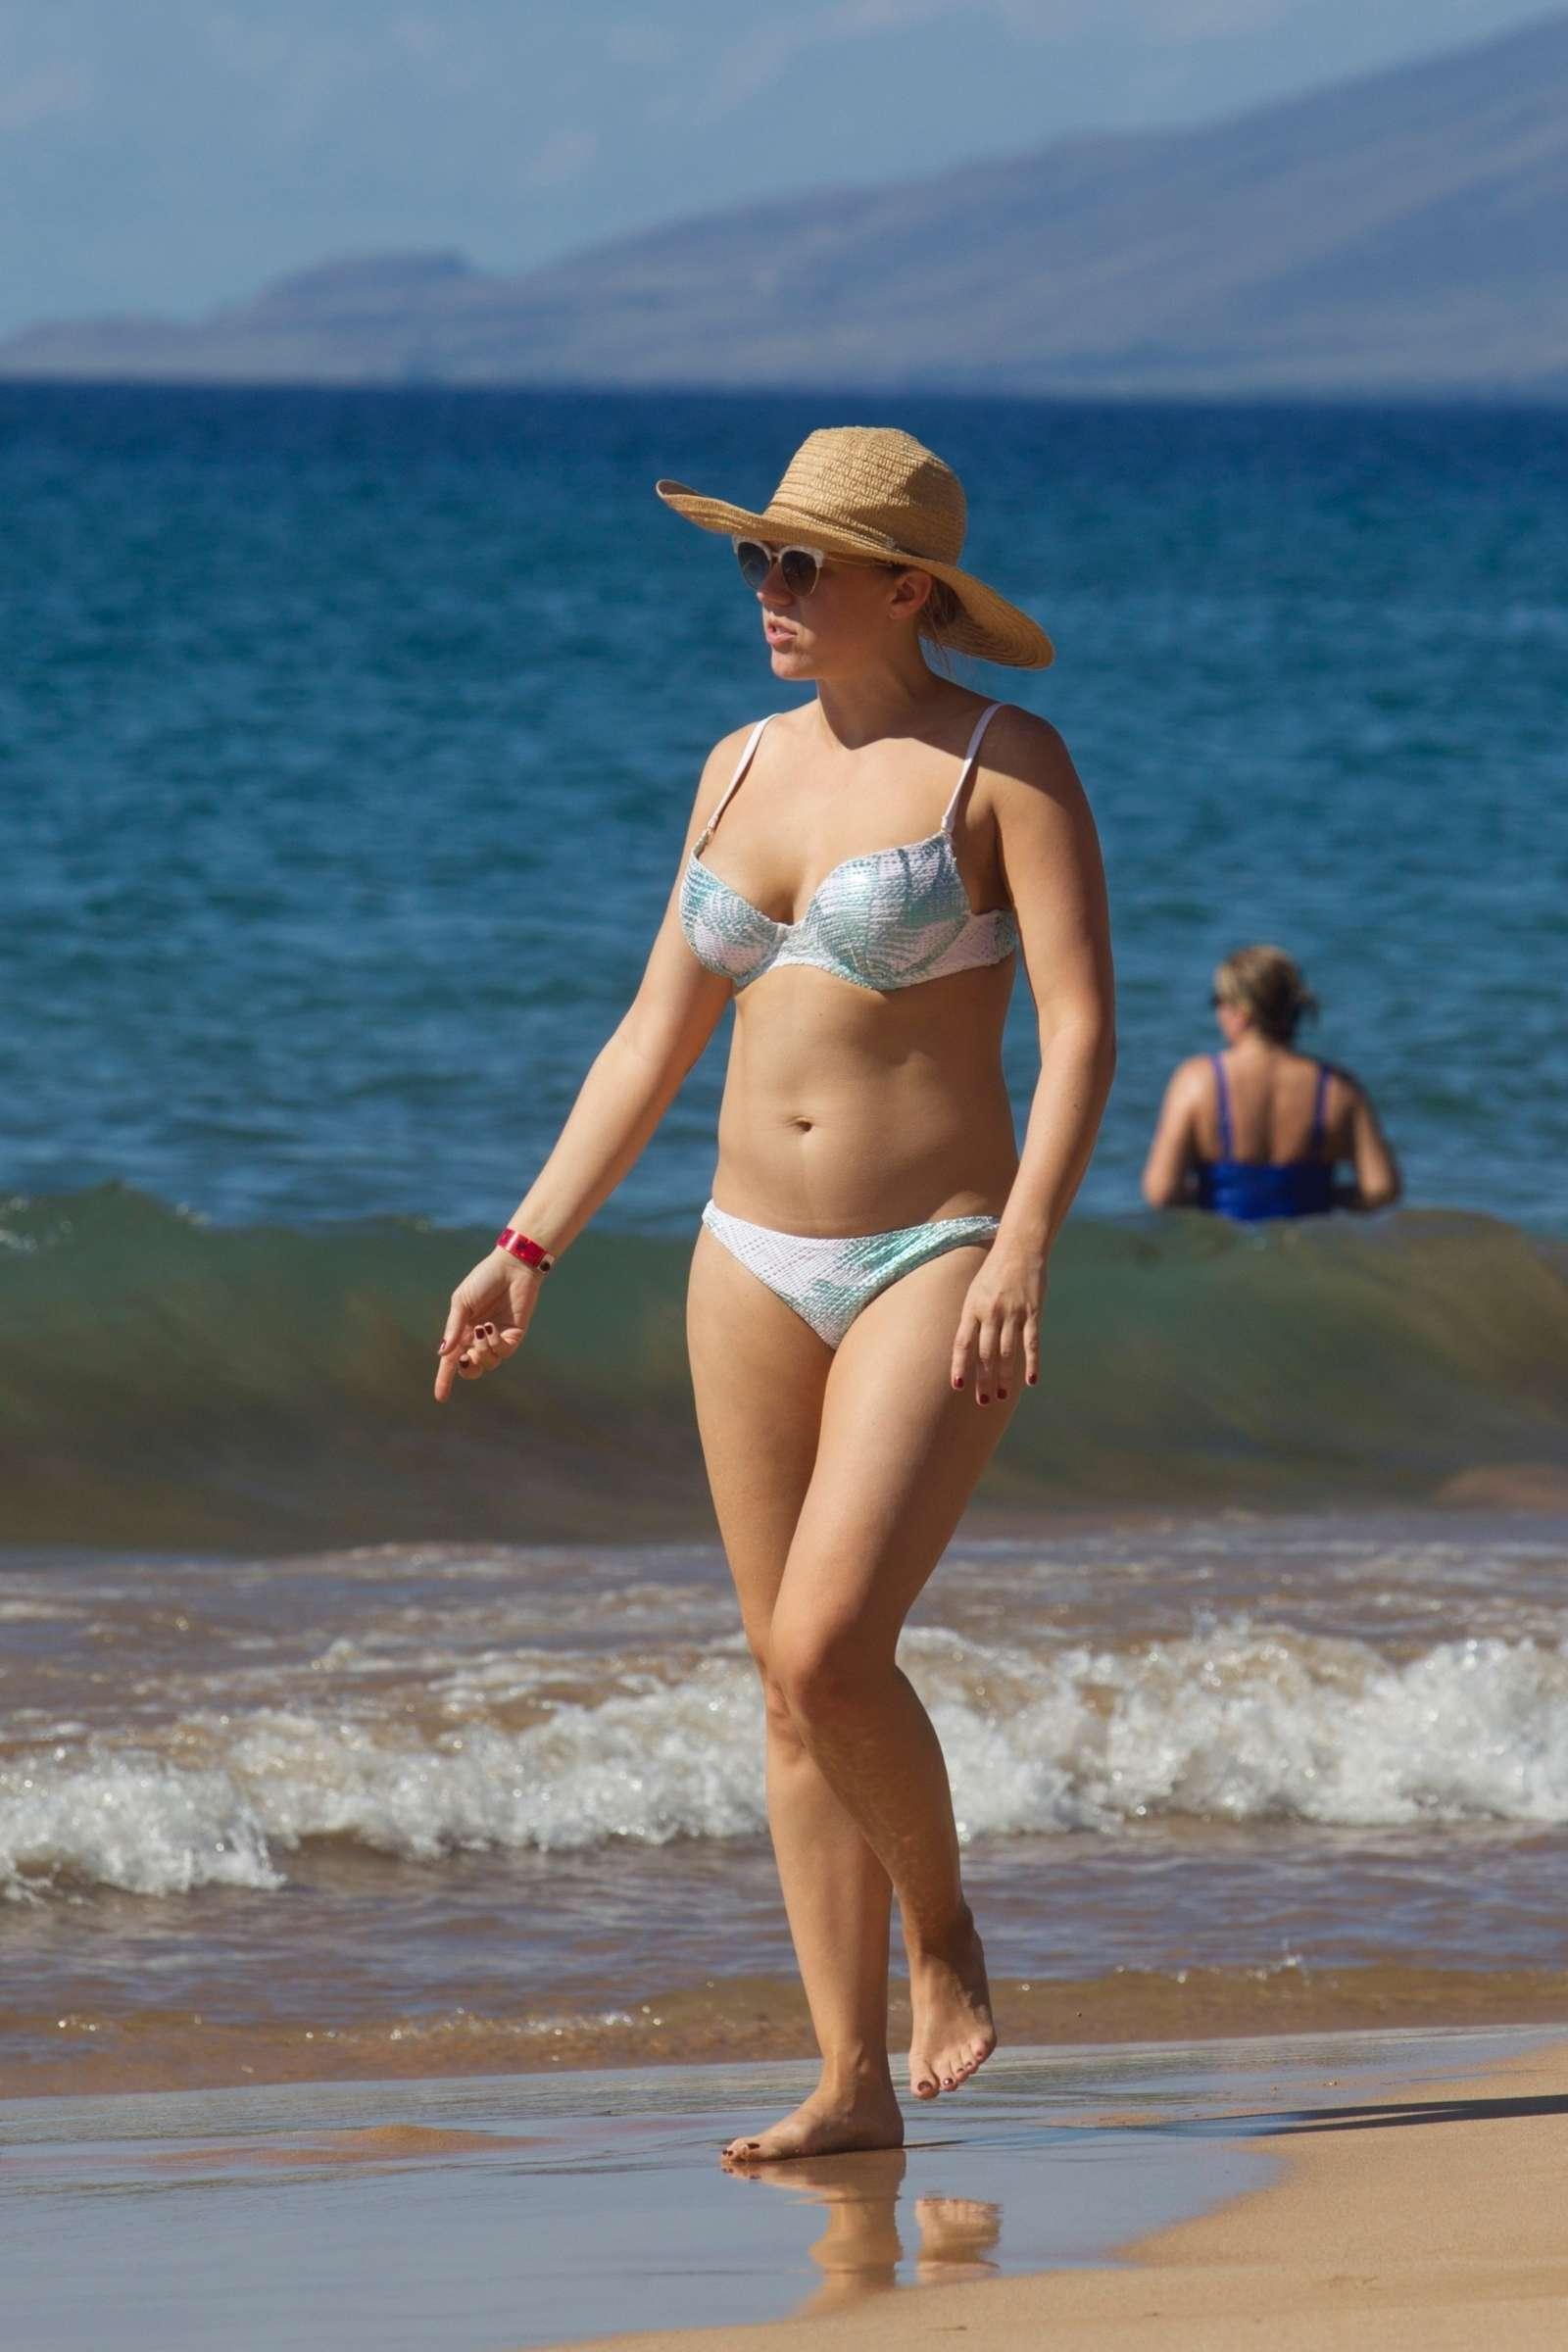 Jodie Sweetin 2017 : Jodie Sweetin in Bikini 2017 -11